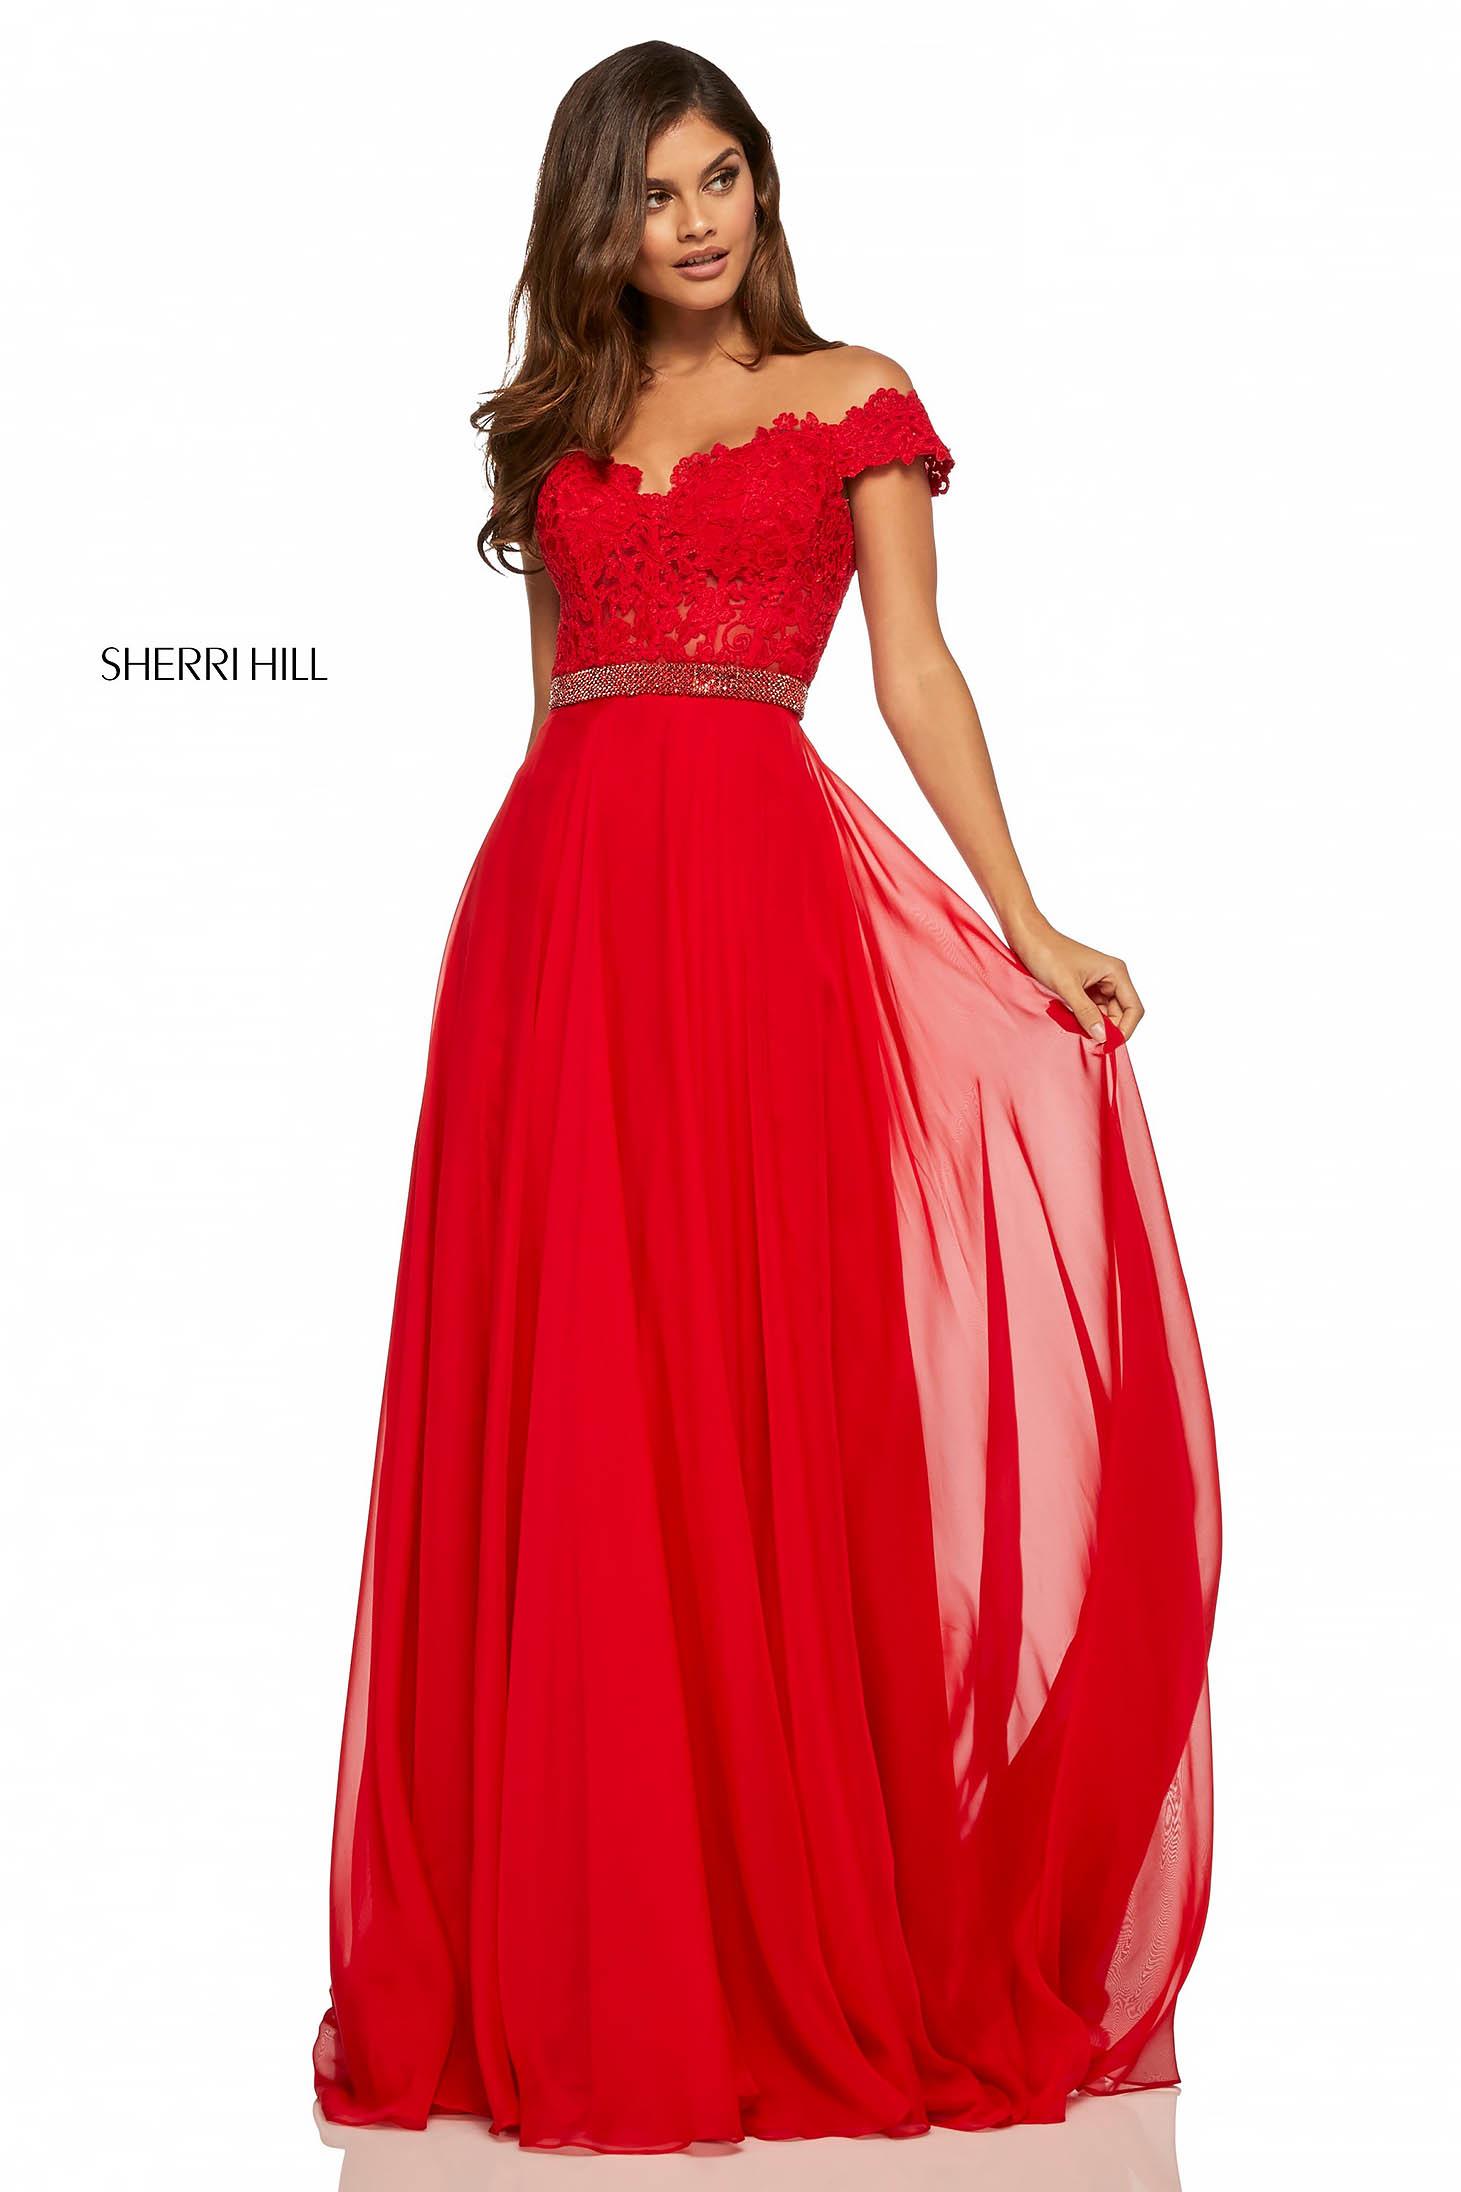 Sherri Hill 52729 Red Dress